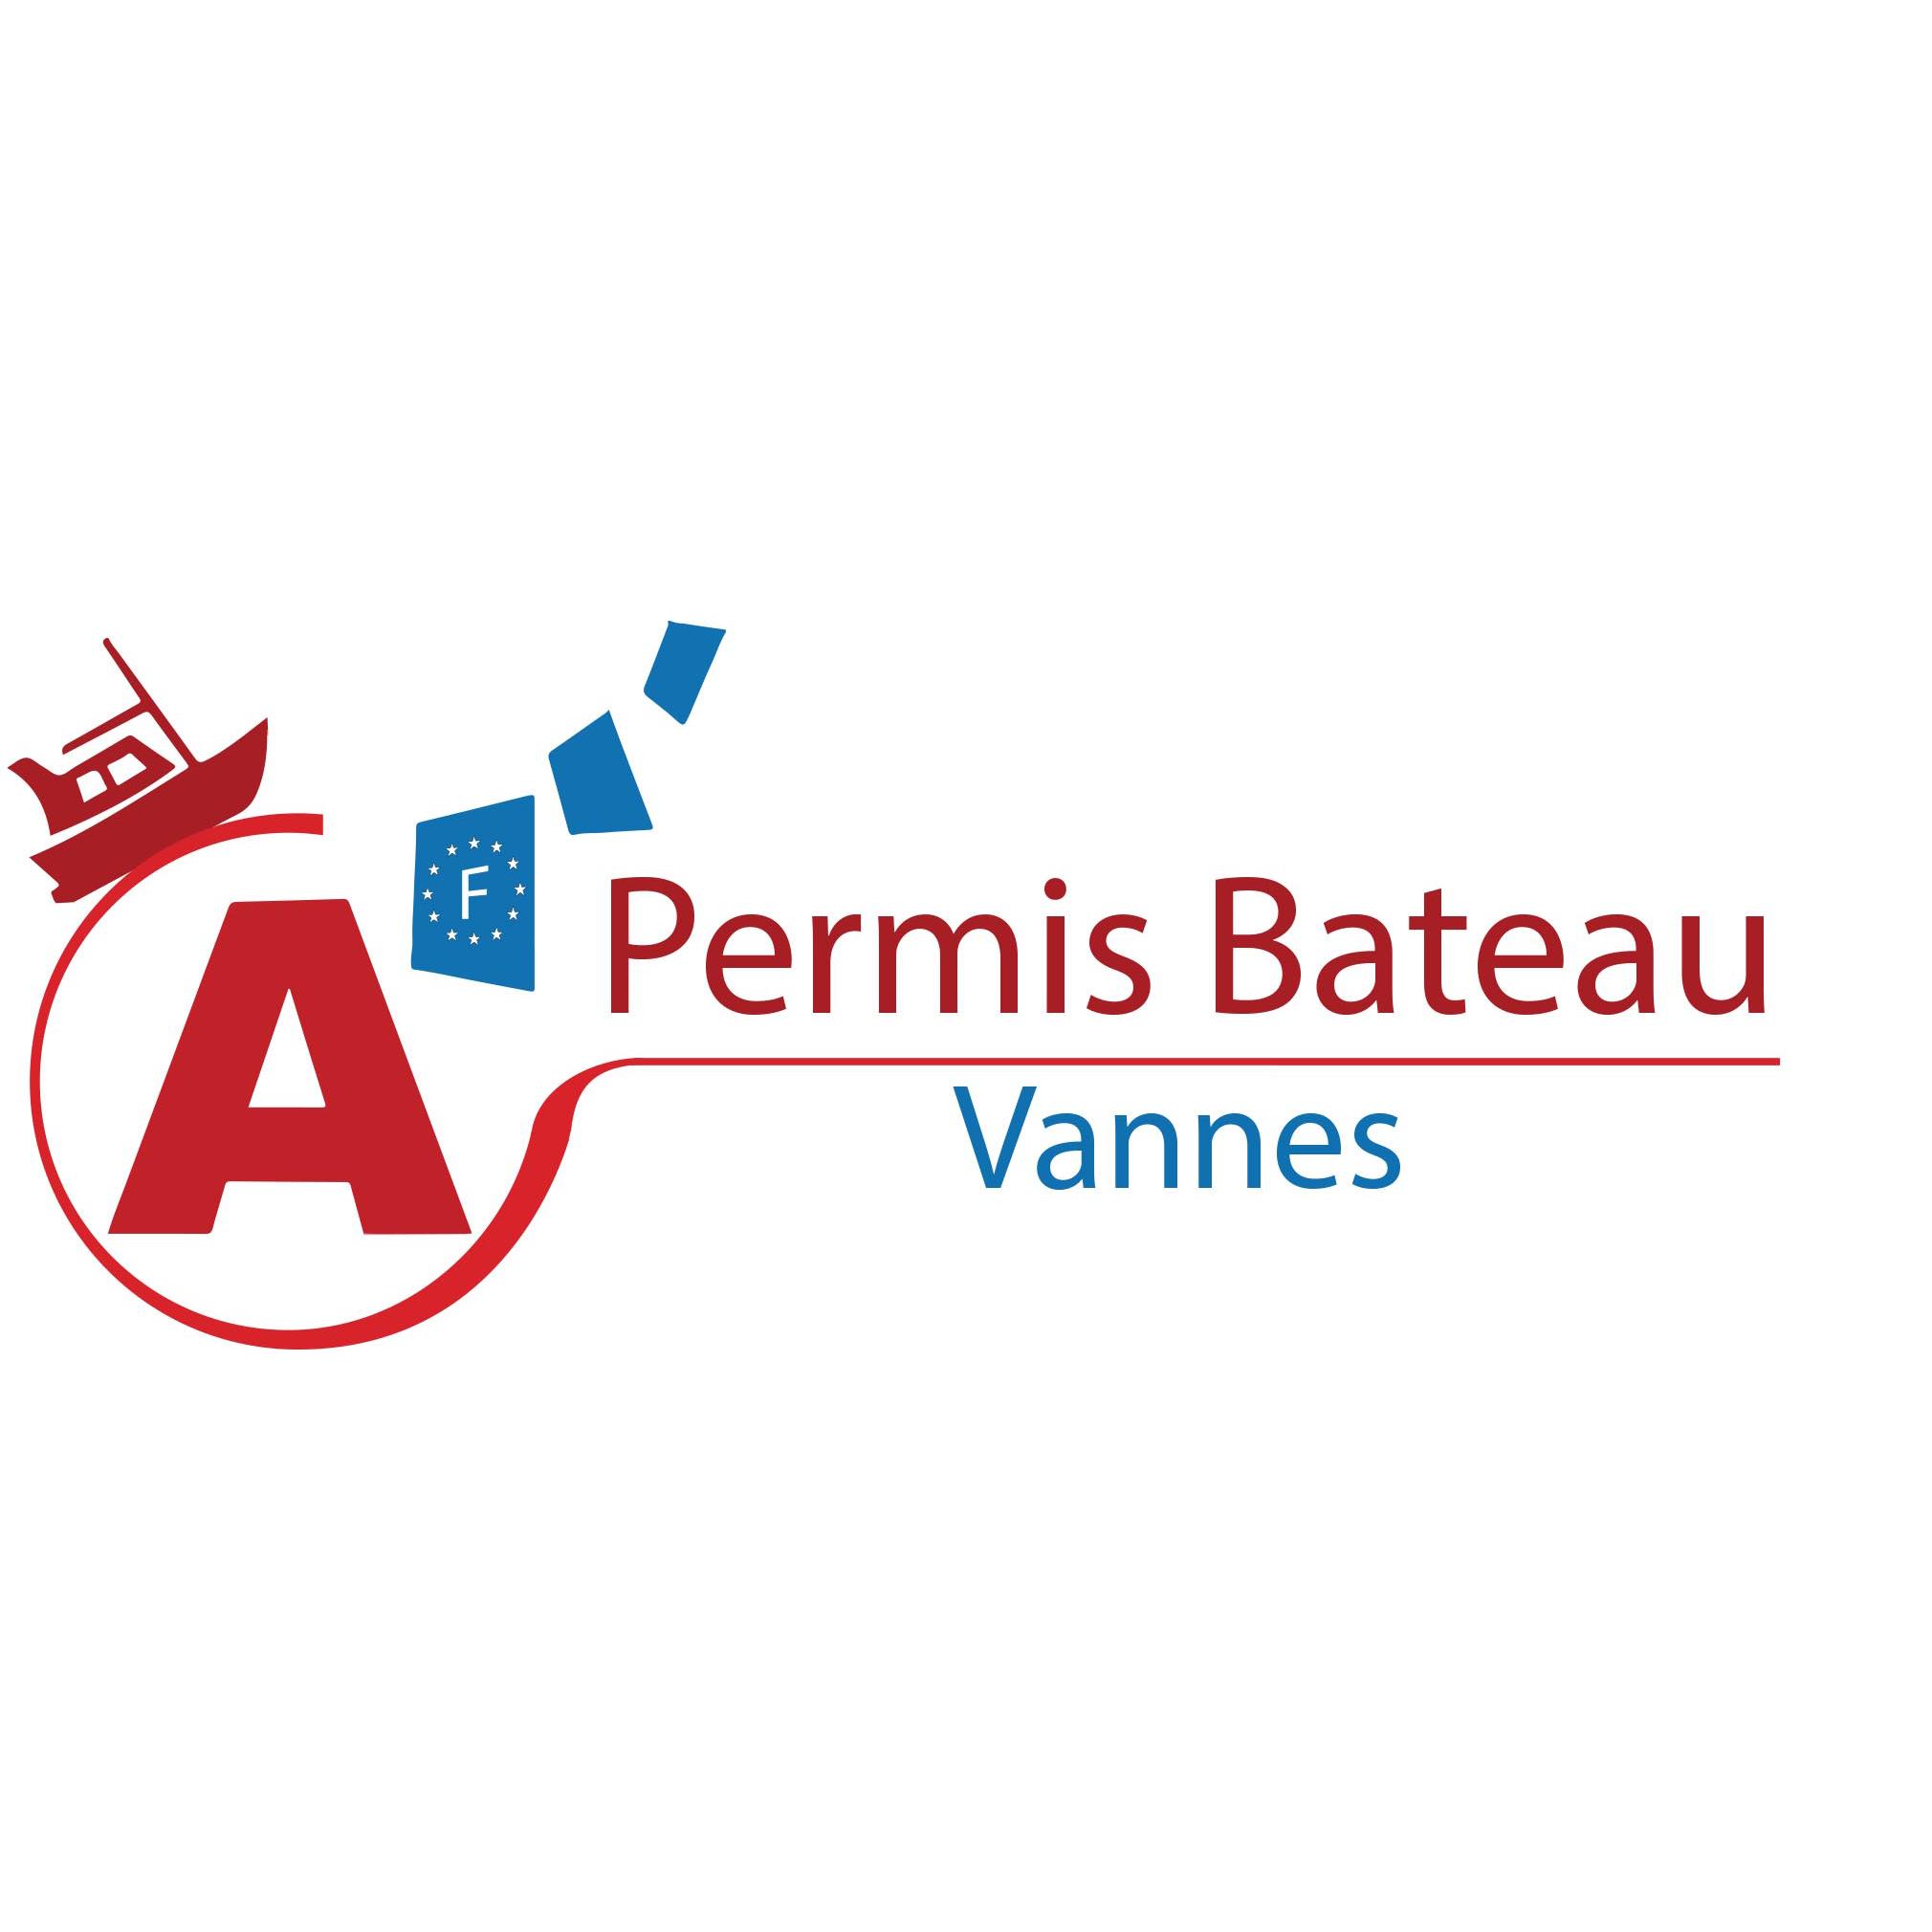 logo-permis-bateau-vannes-150x150